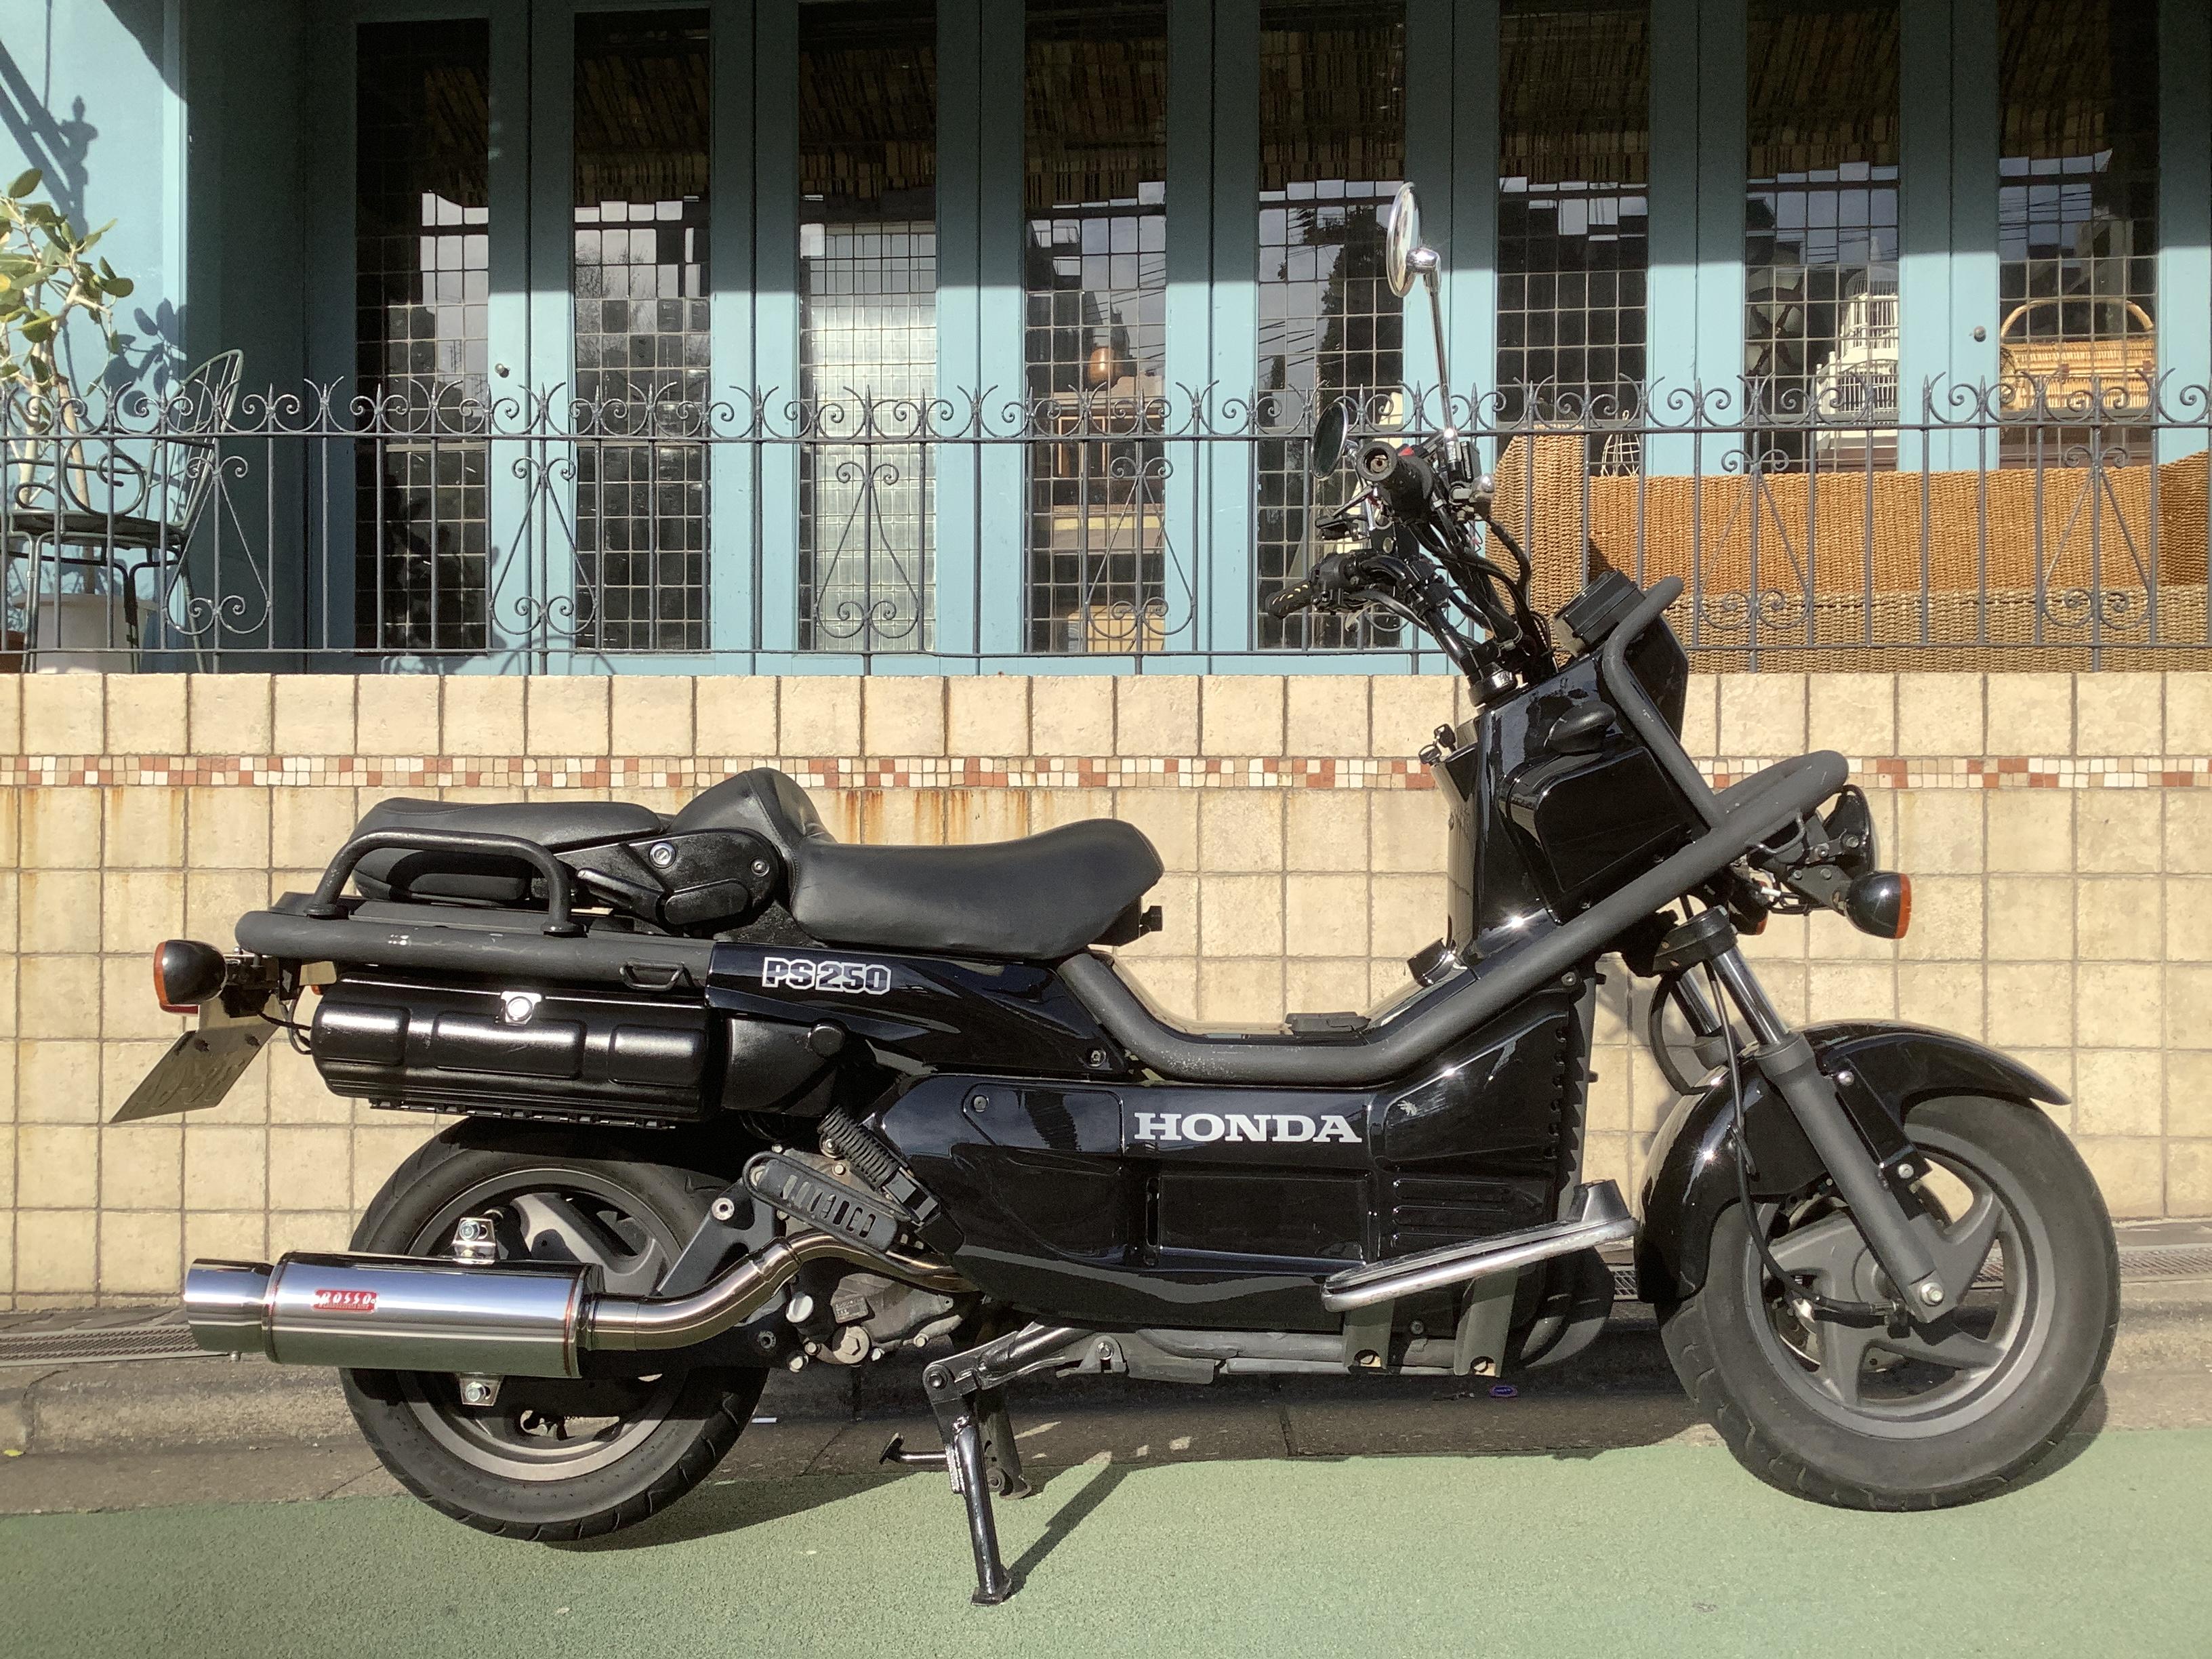 PS250 (HN-00) - 【公式】レンタルバイクのベストBike® 橋本駅前